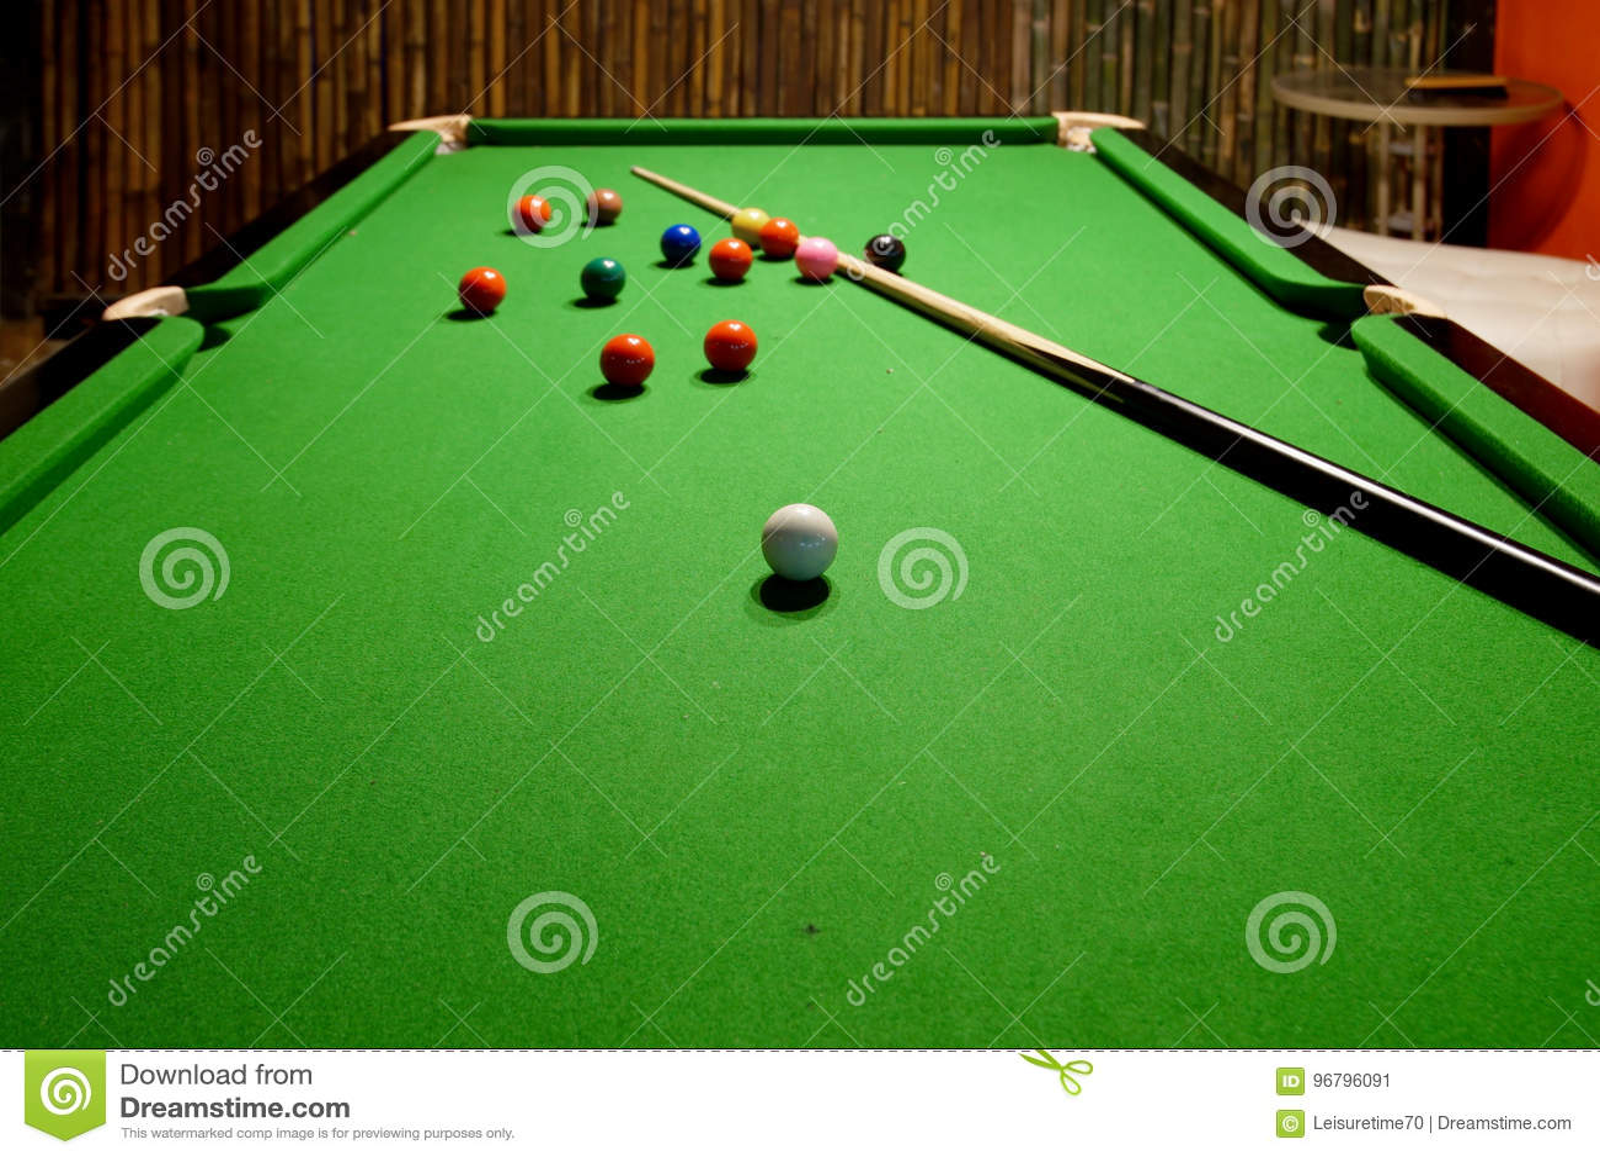 Snooker wskazówka na stole i piłki